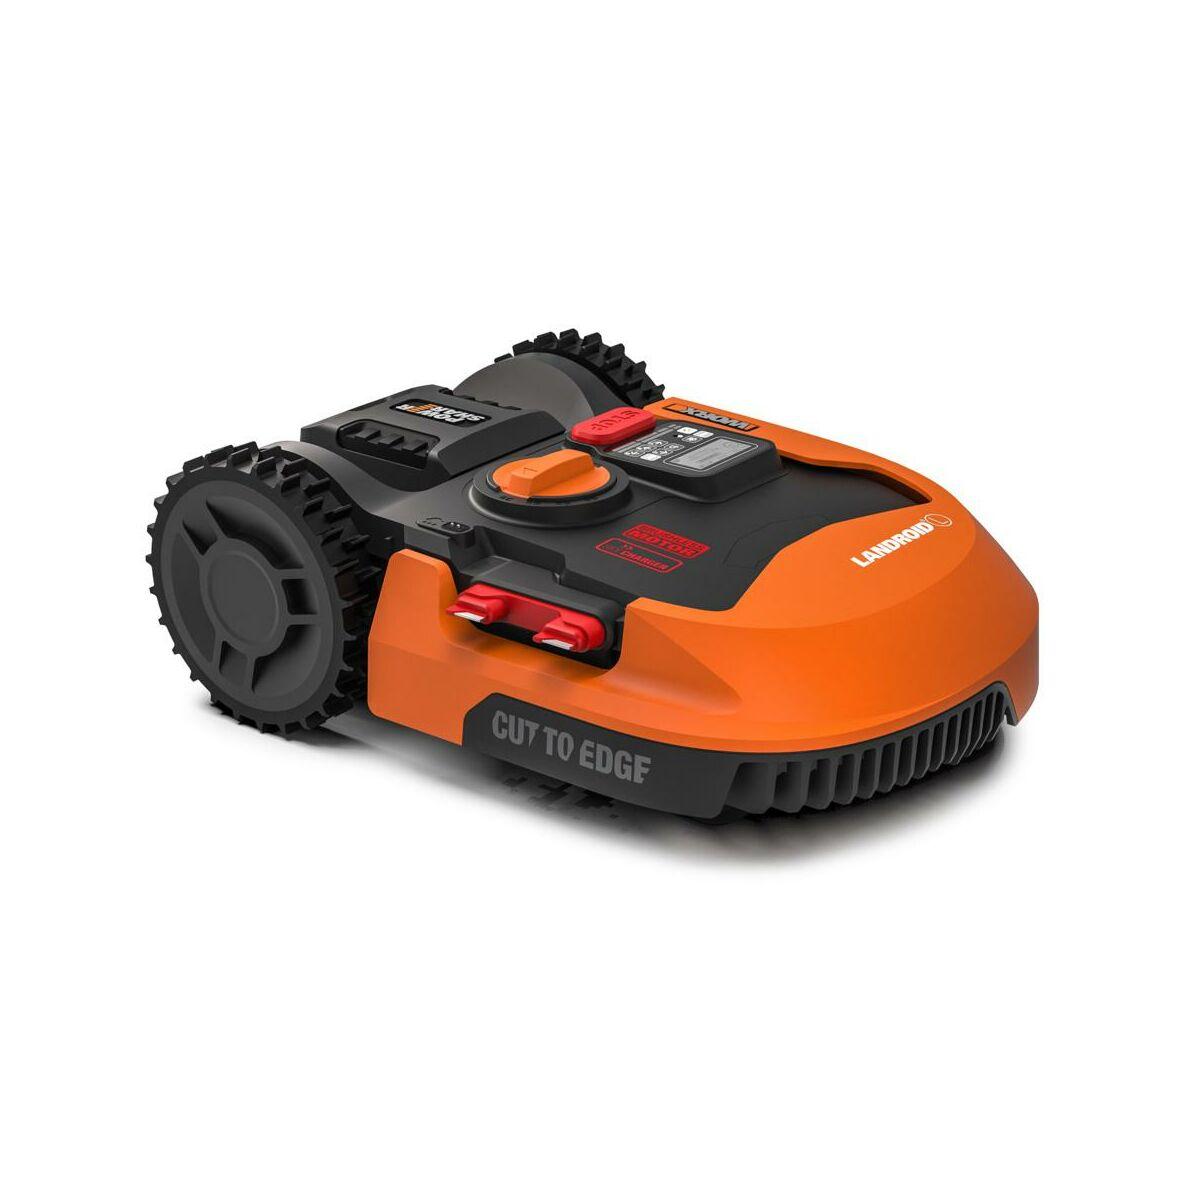 Robot Koszacy Worx Wr153e 4 Ah 20 V Roboty Koszace W Atrakcyjnej Cenie W Sklepach Leroy Merlin